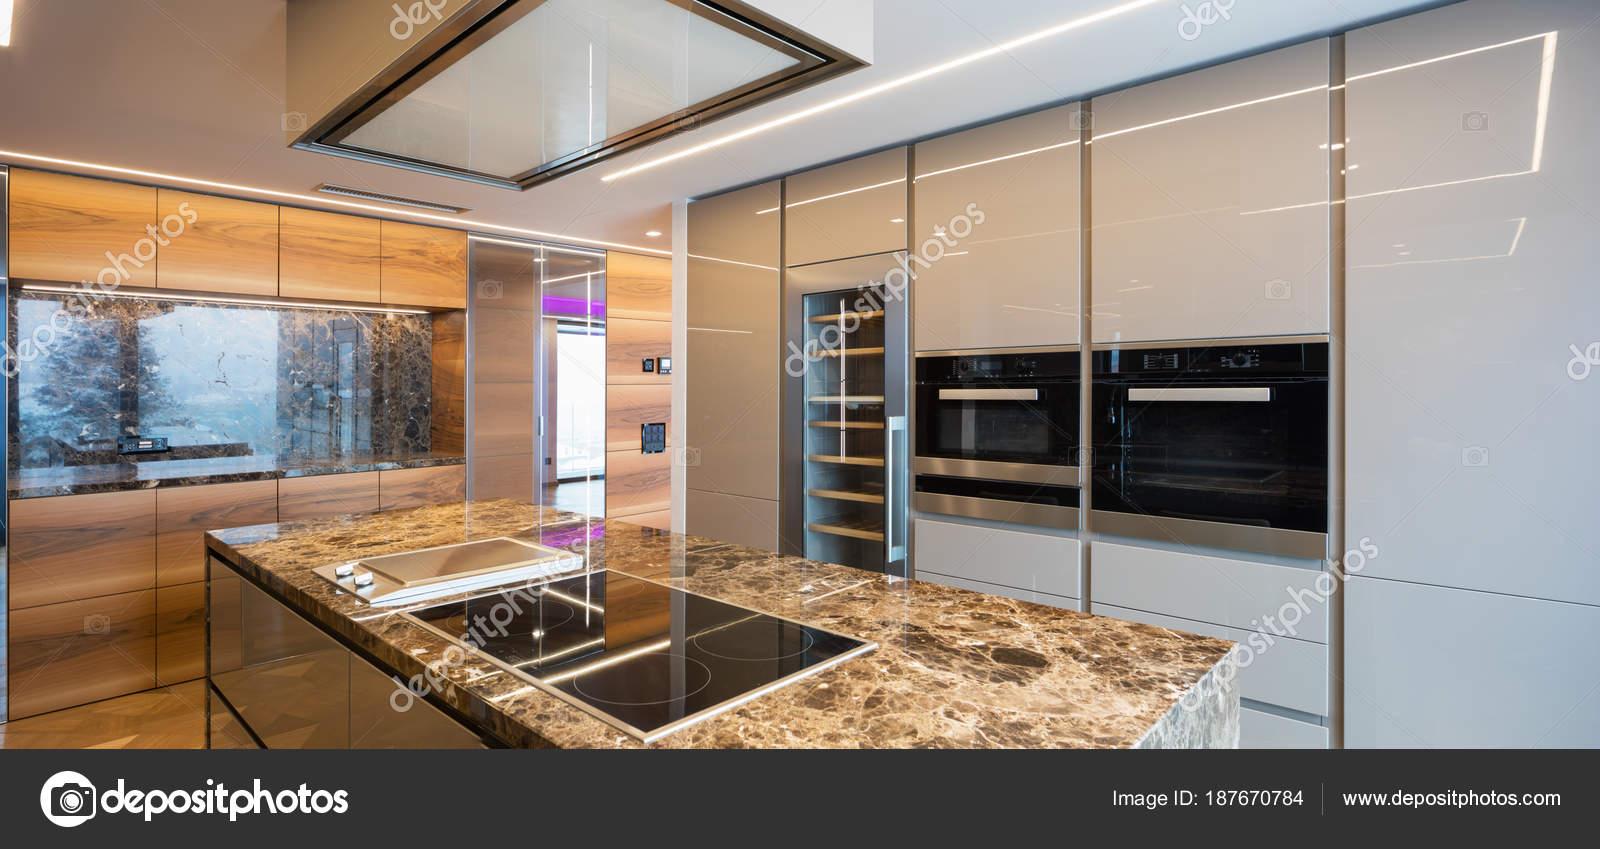 Moderna Cozinha Em M Rmore Com Ilha Stock Photo Zveiger 187670784